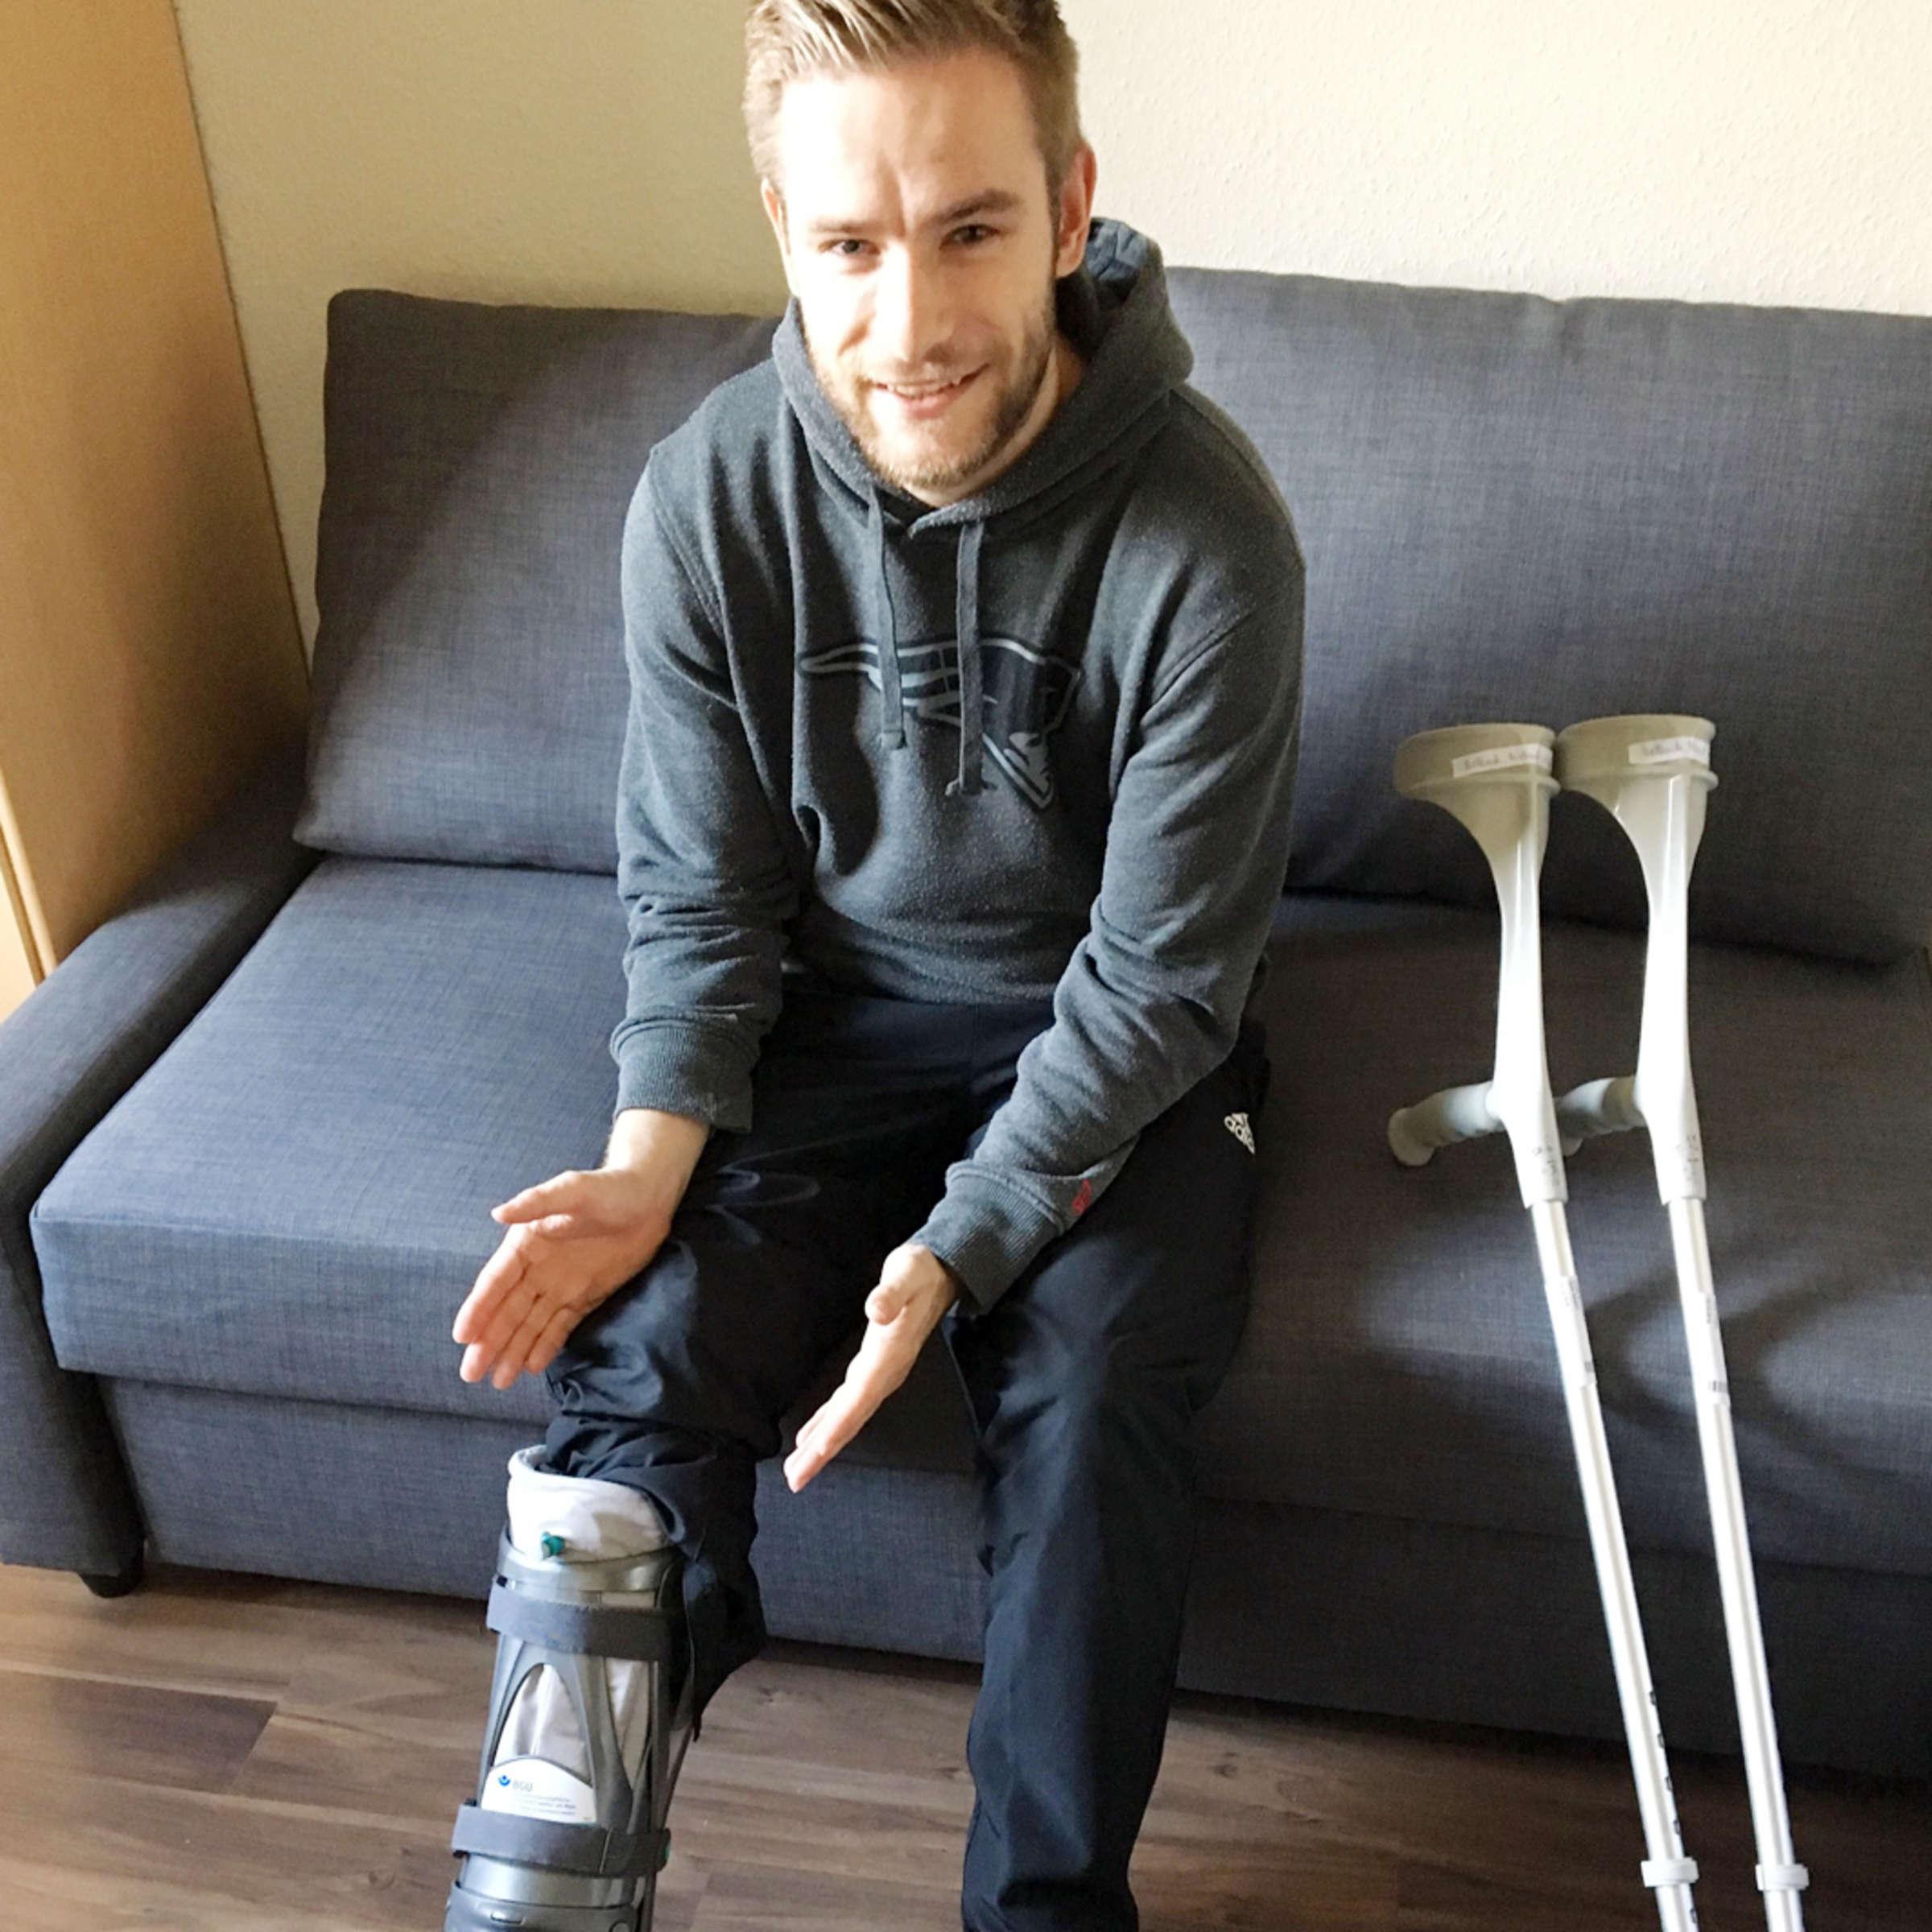 Ohne mit laufen vacoped krücken 61. Tag